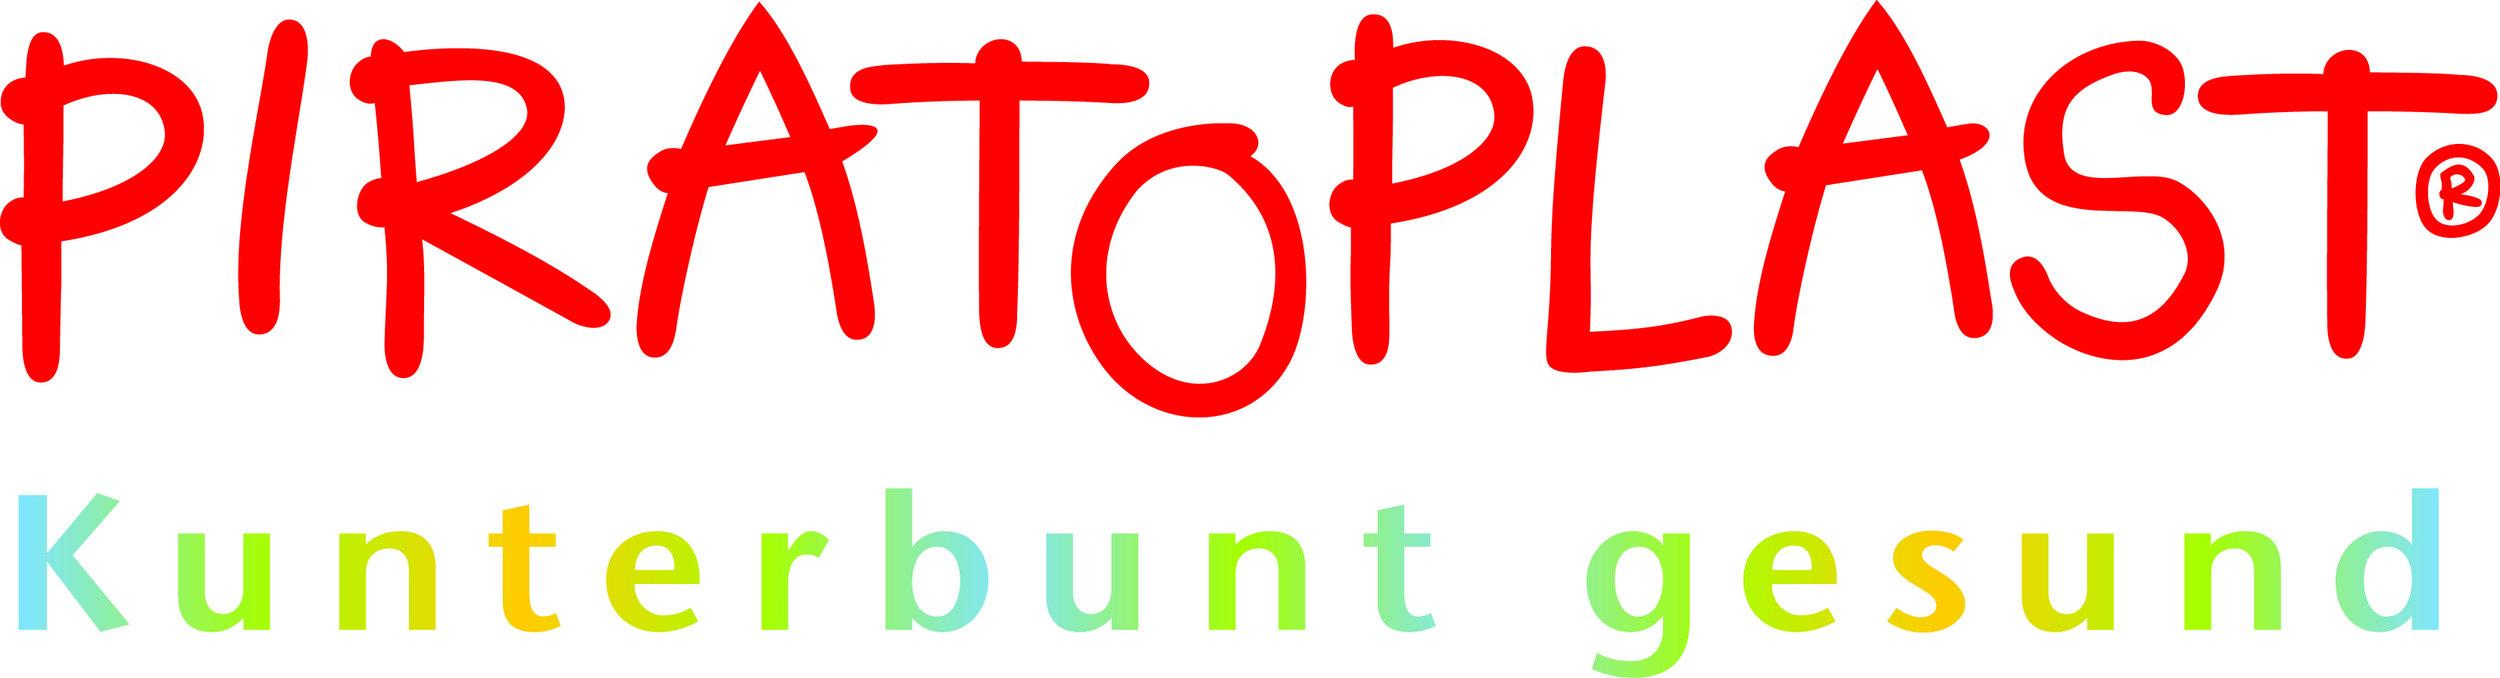 Logo Piratoplast Kinderbeirat